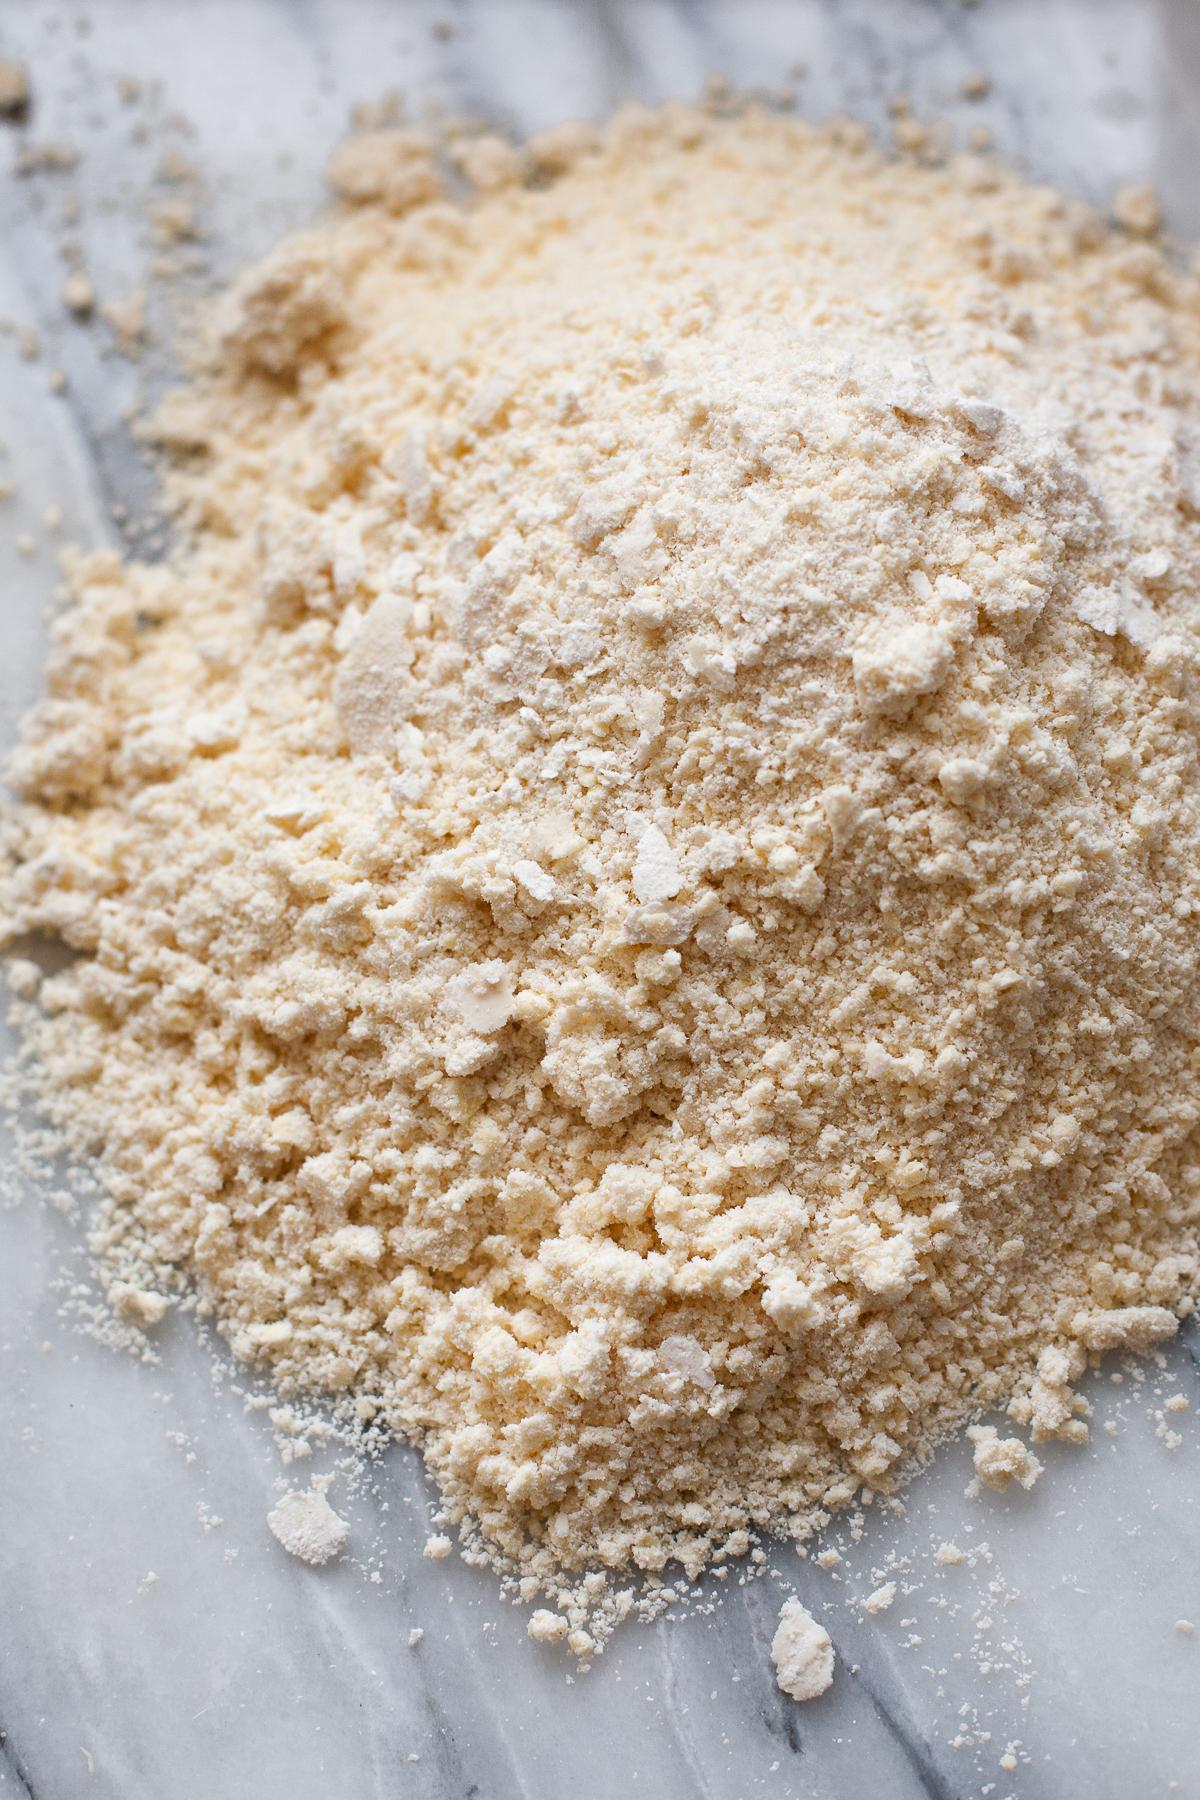 Making cassava flour crust for gluten-free quiche lorraine